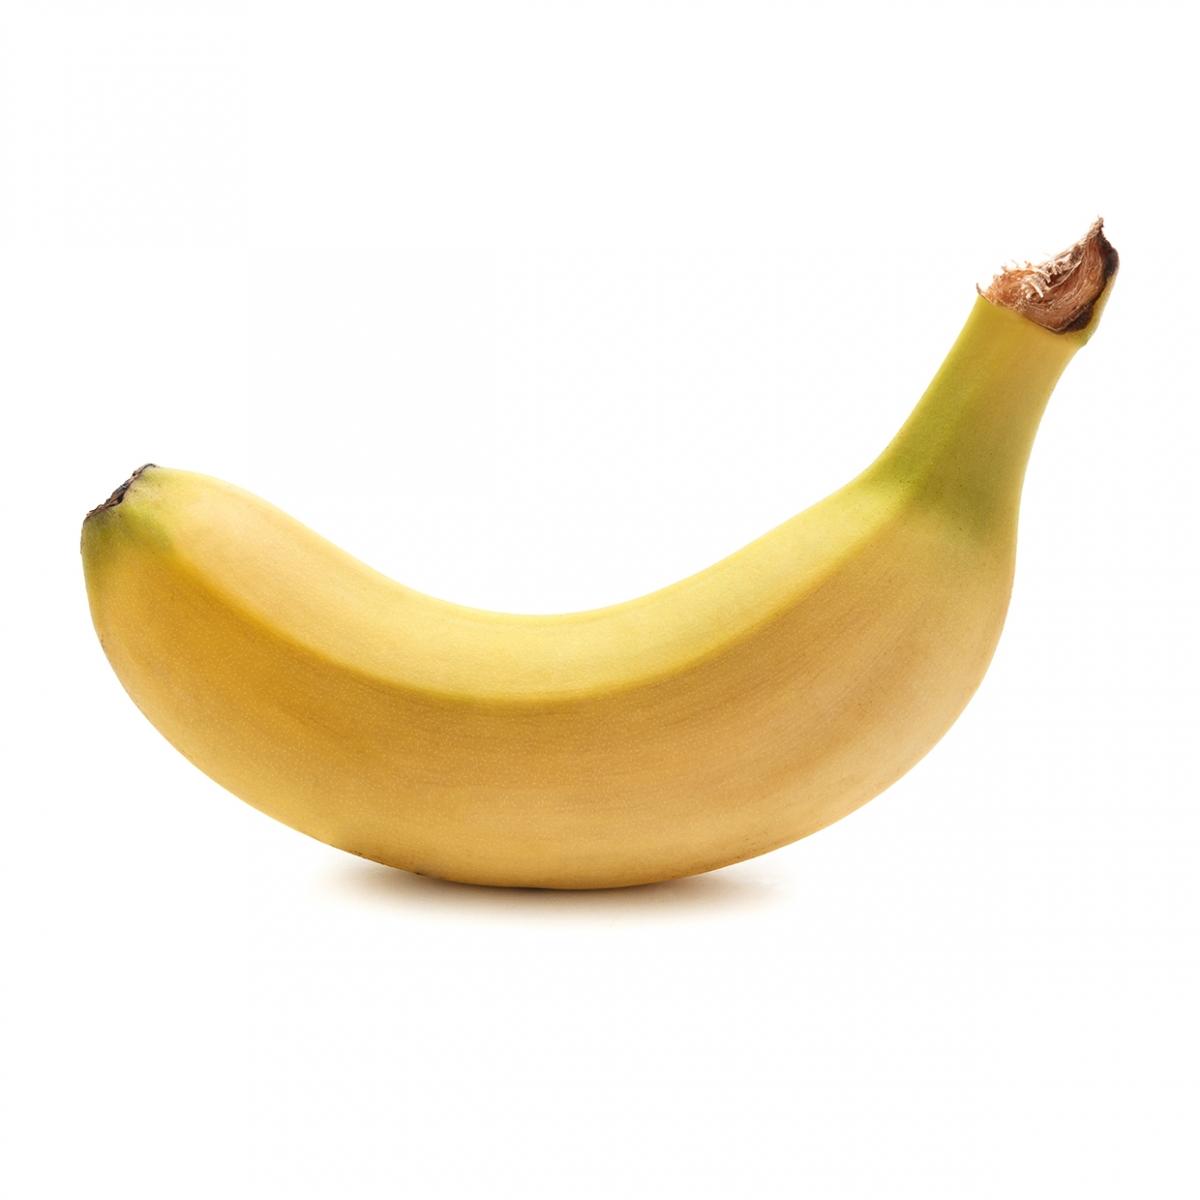 Imagen en la que se ve un plátano de perfil